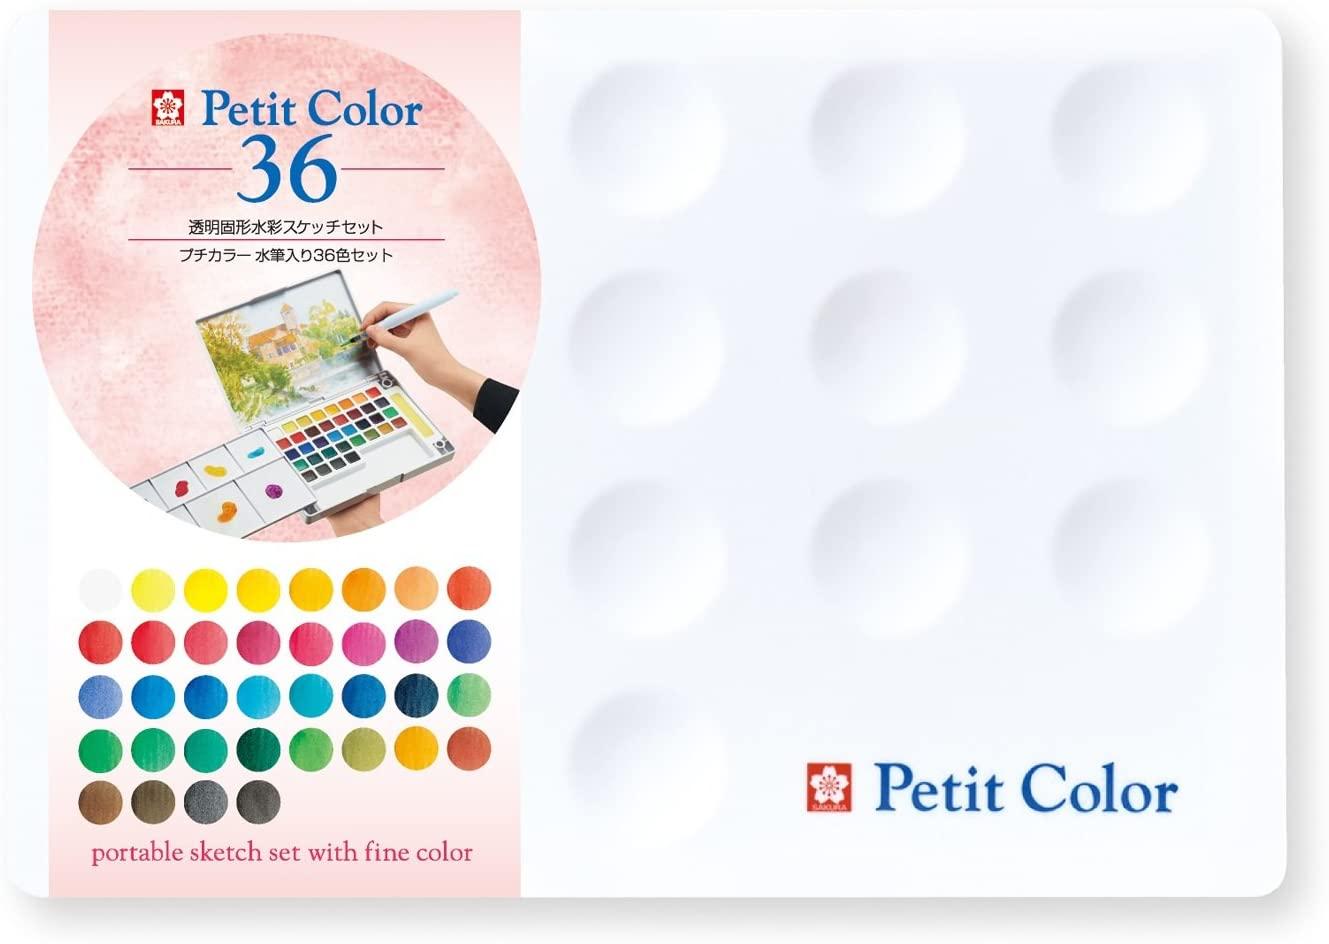 サクラクレパス 絵の具 固形水彩 大放出セール ブランド品 36色 NCW-36H プチカラー